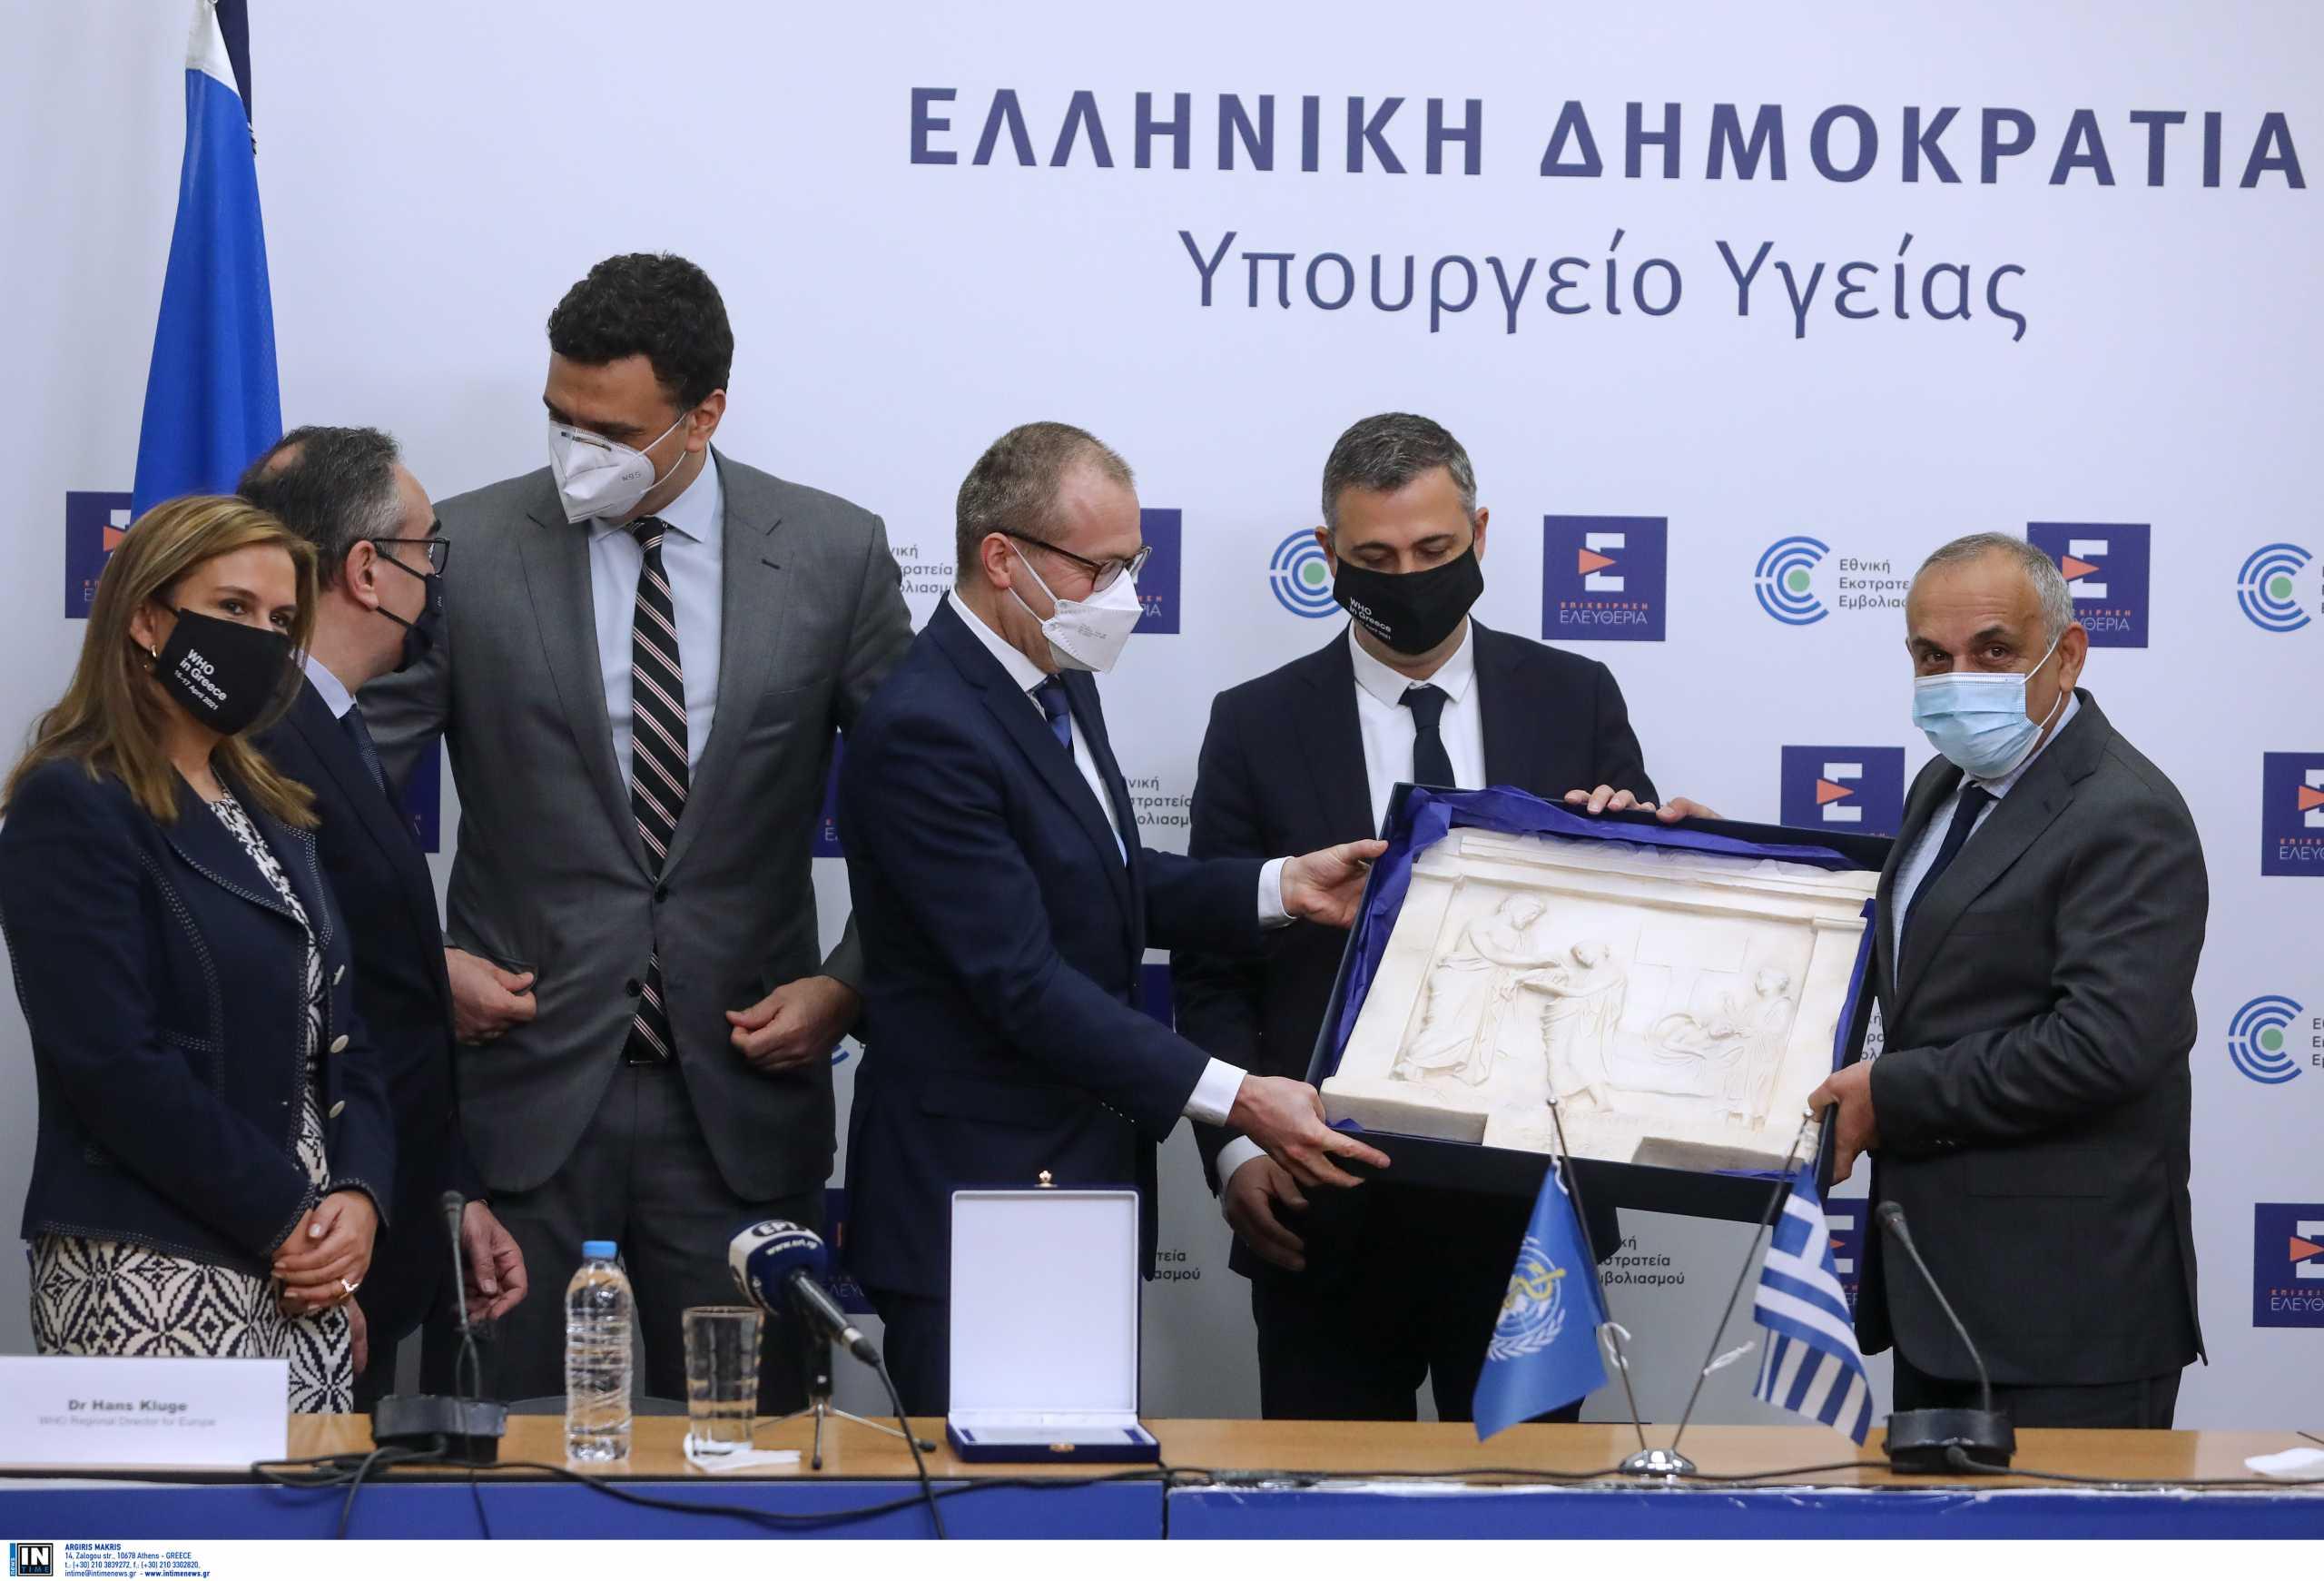 Ο ΠΟΥ ανοίγει γραφείο και στην Αθήνα – «Έπεσαν» οι υπογραφές (pics)